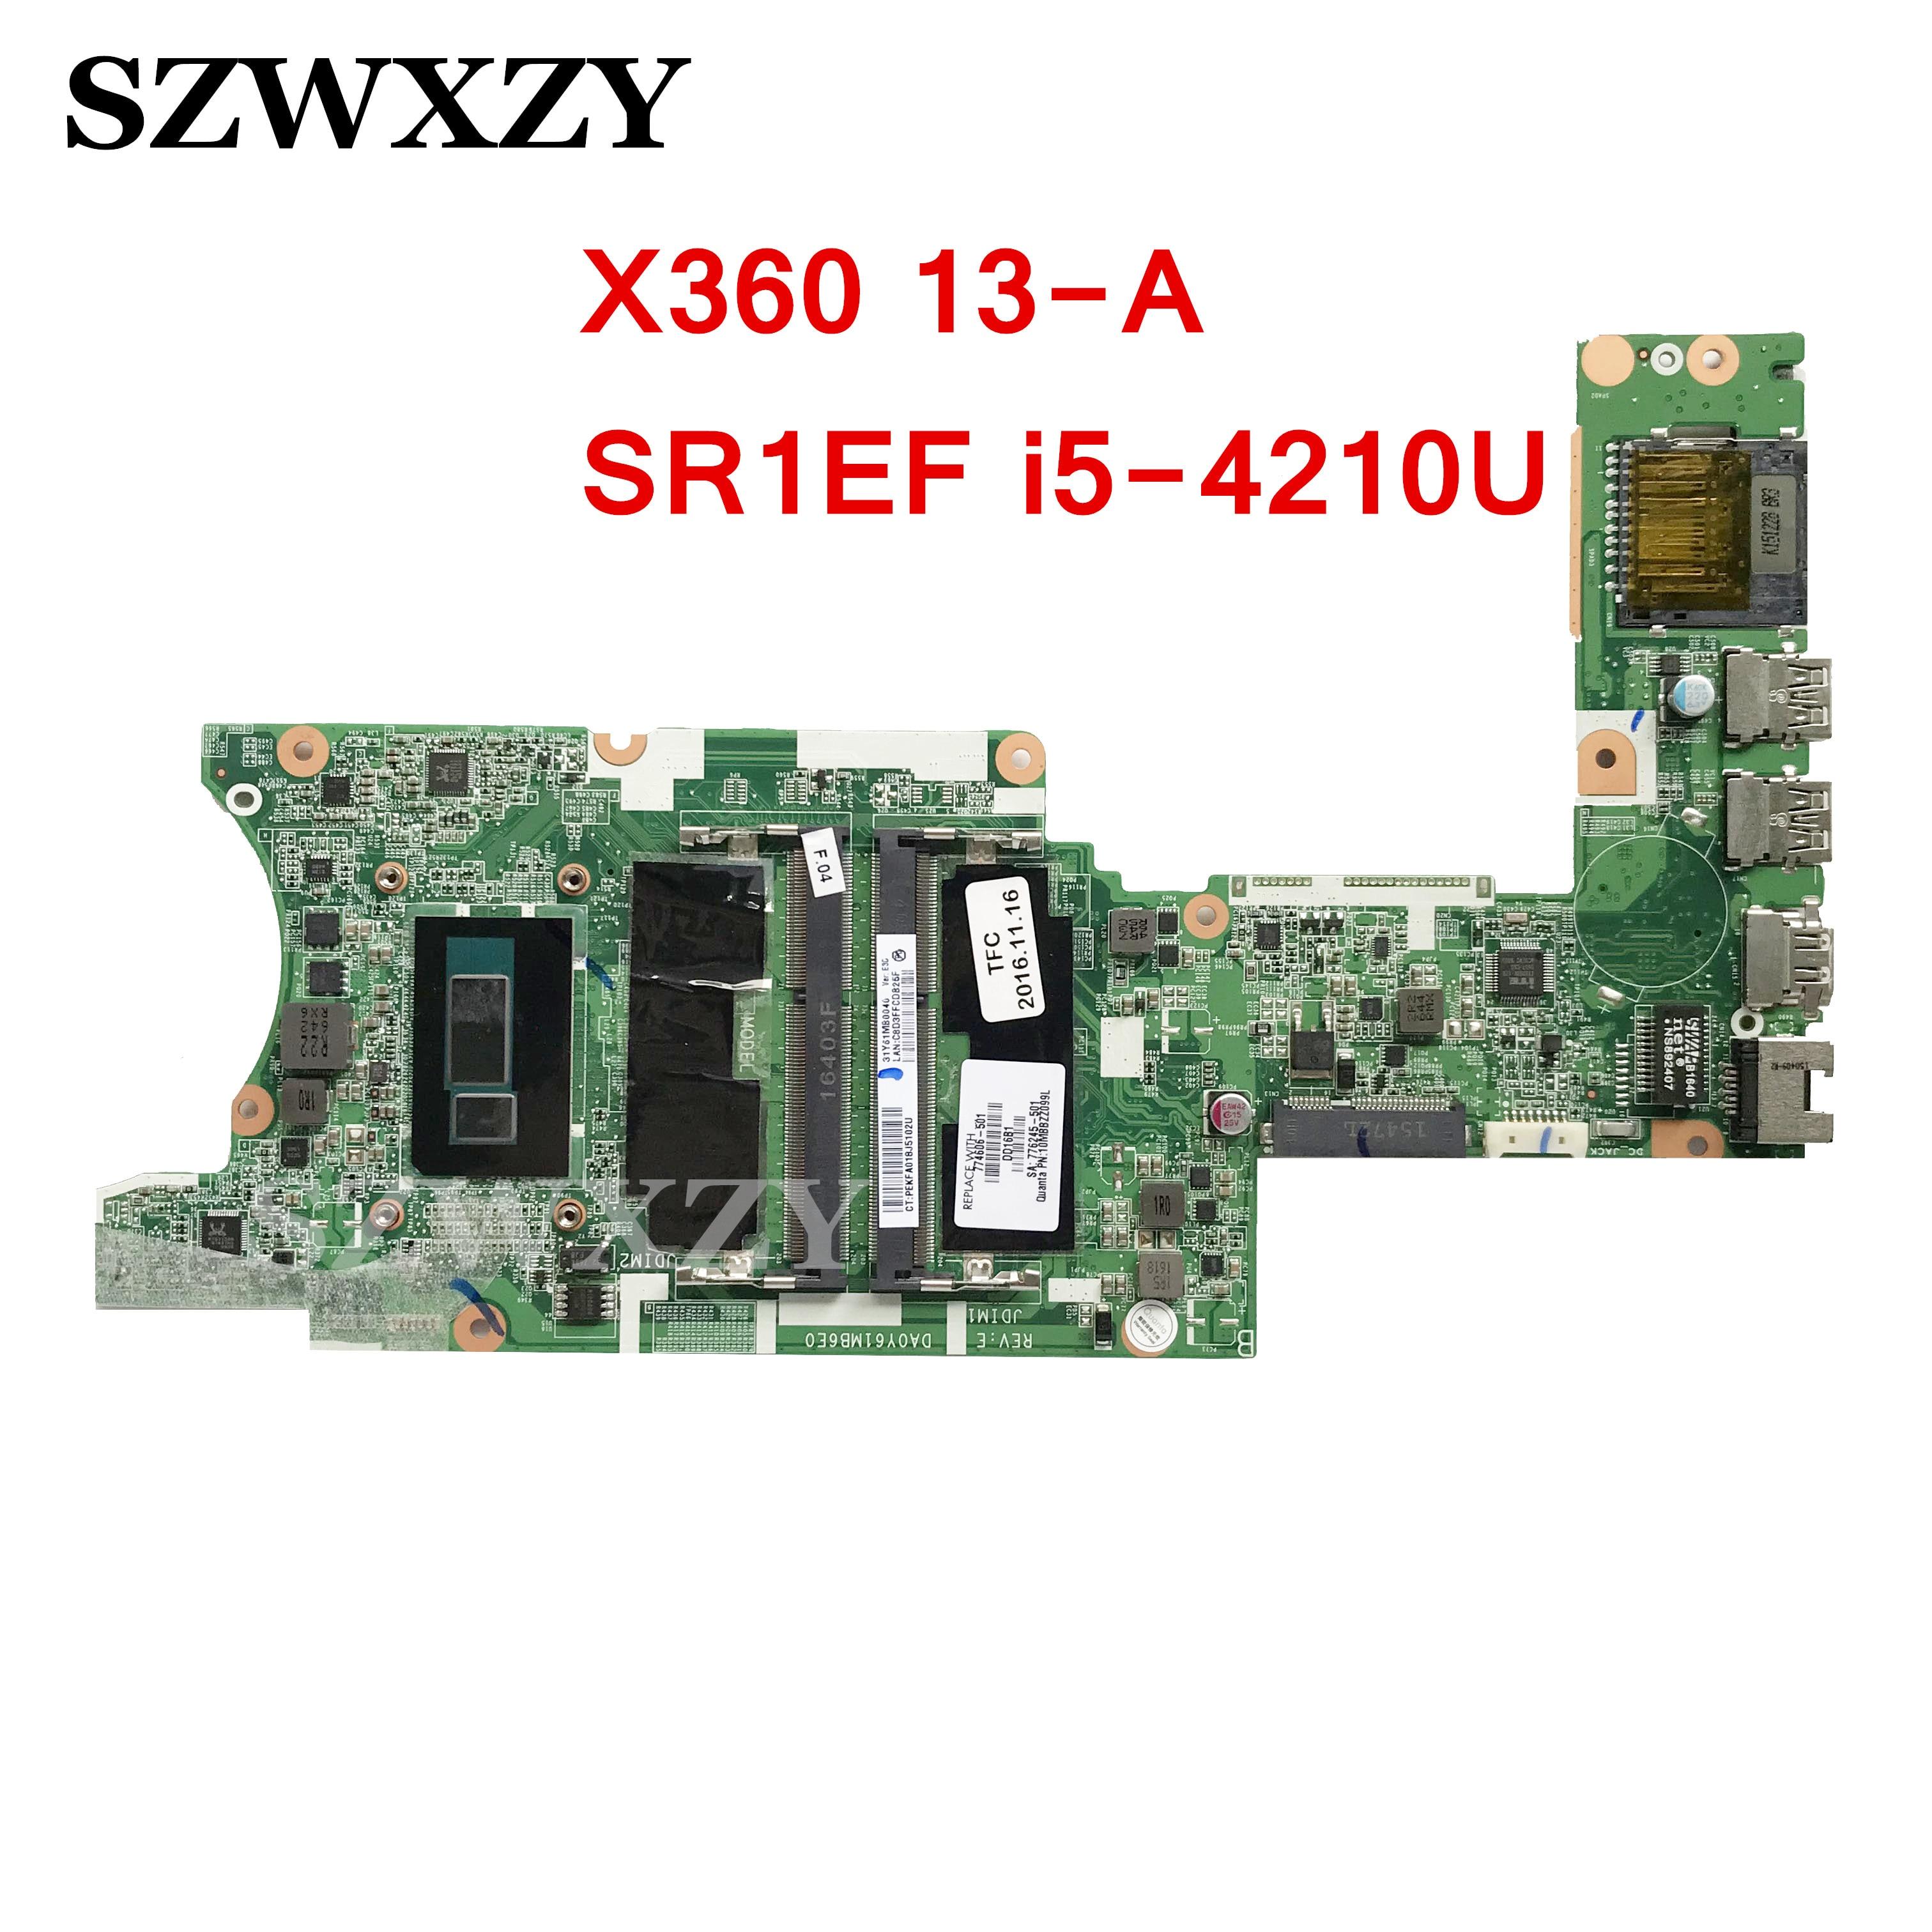 For HP Pavilion X360 13-A Laptop motherboard SR1EF I5-4210U DA0Y61MB6E0 774606-001 774606-601 774606-501